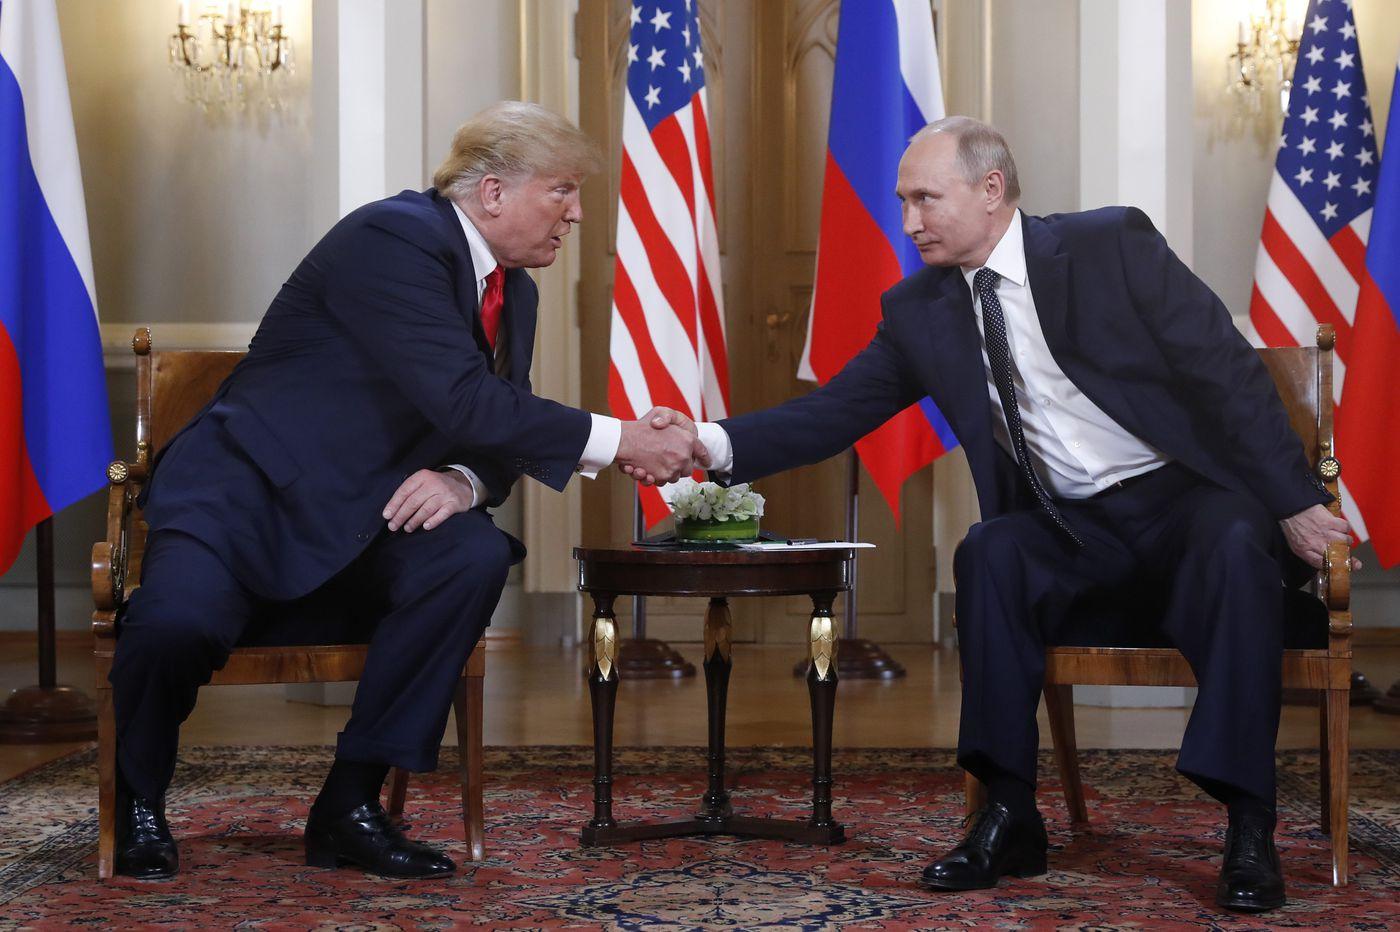 Pa., N.J. Democrats, Republicans reject Trump comments at Putin summit